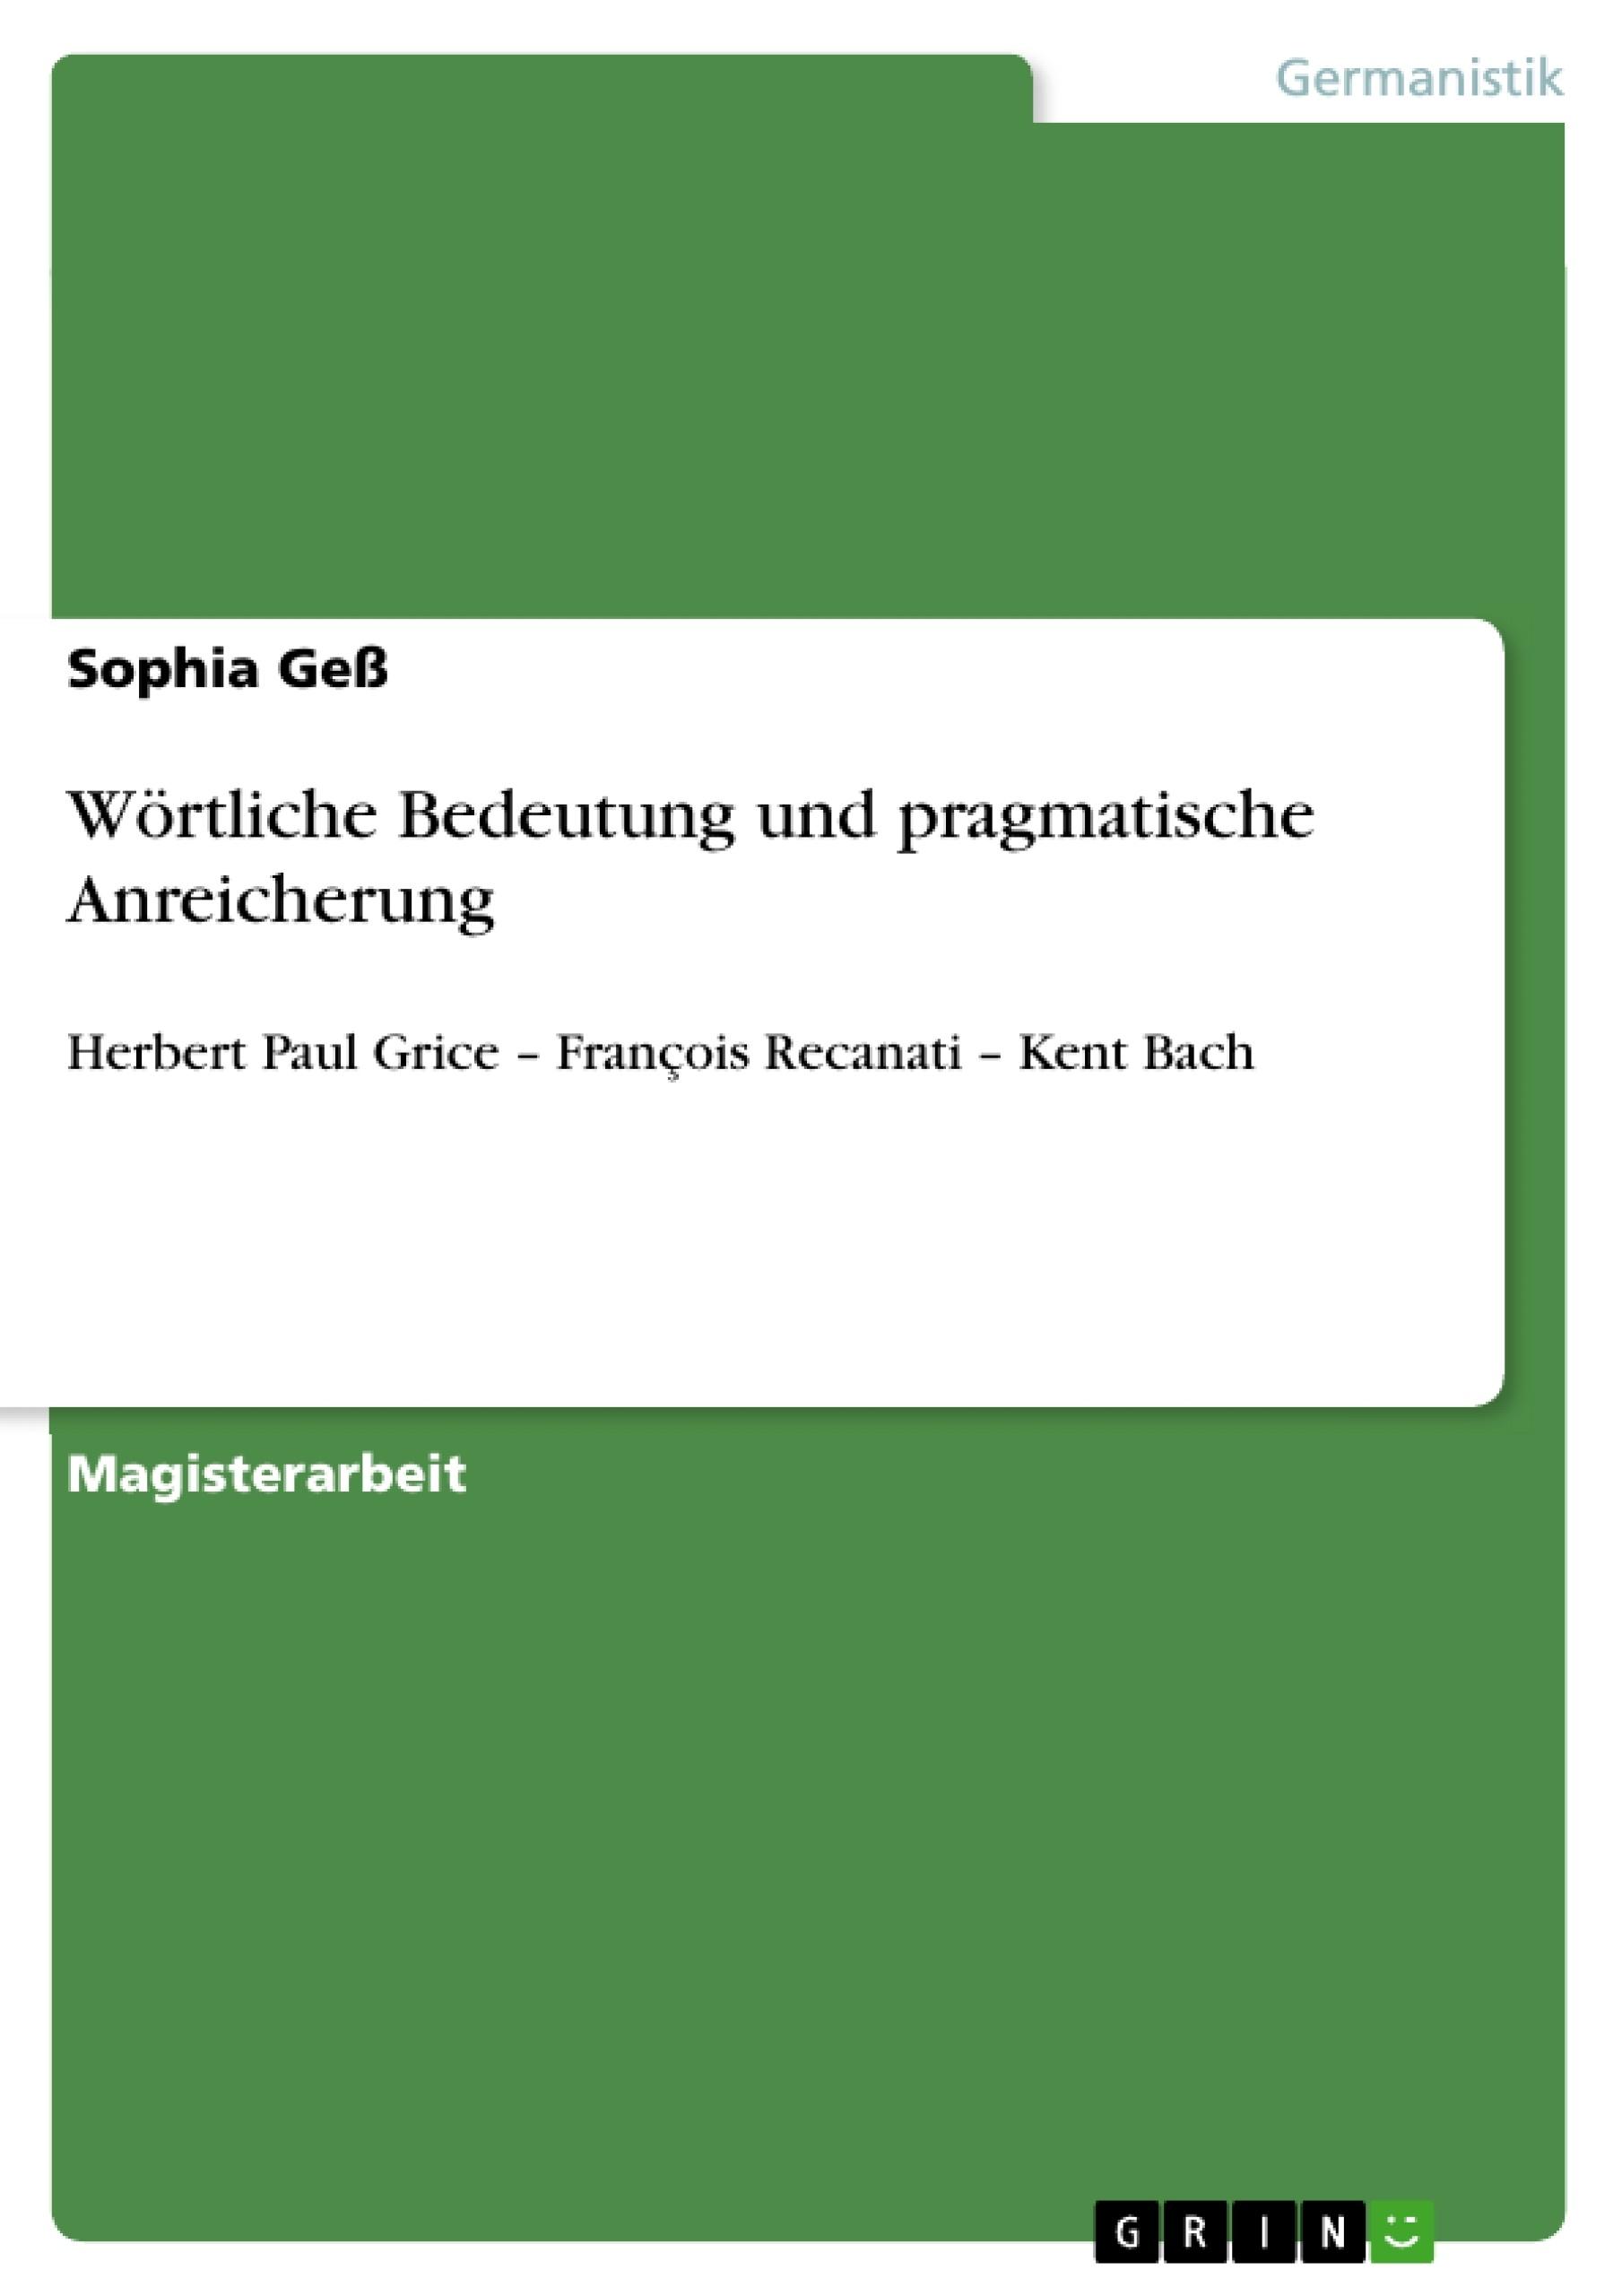 Titel: Wörtliche Bedeutung und pragmatische Anreicherung